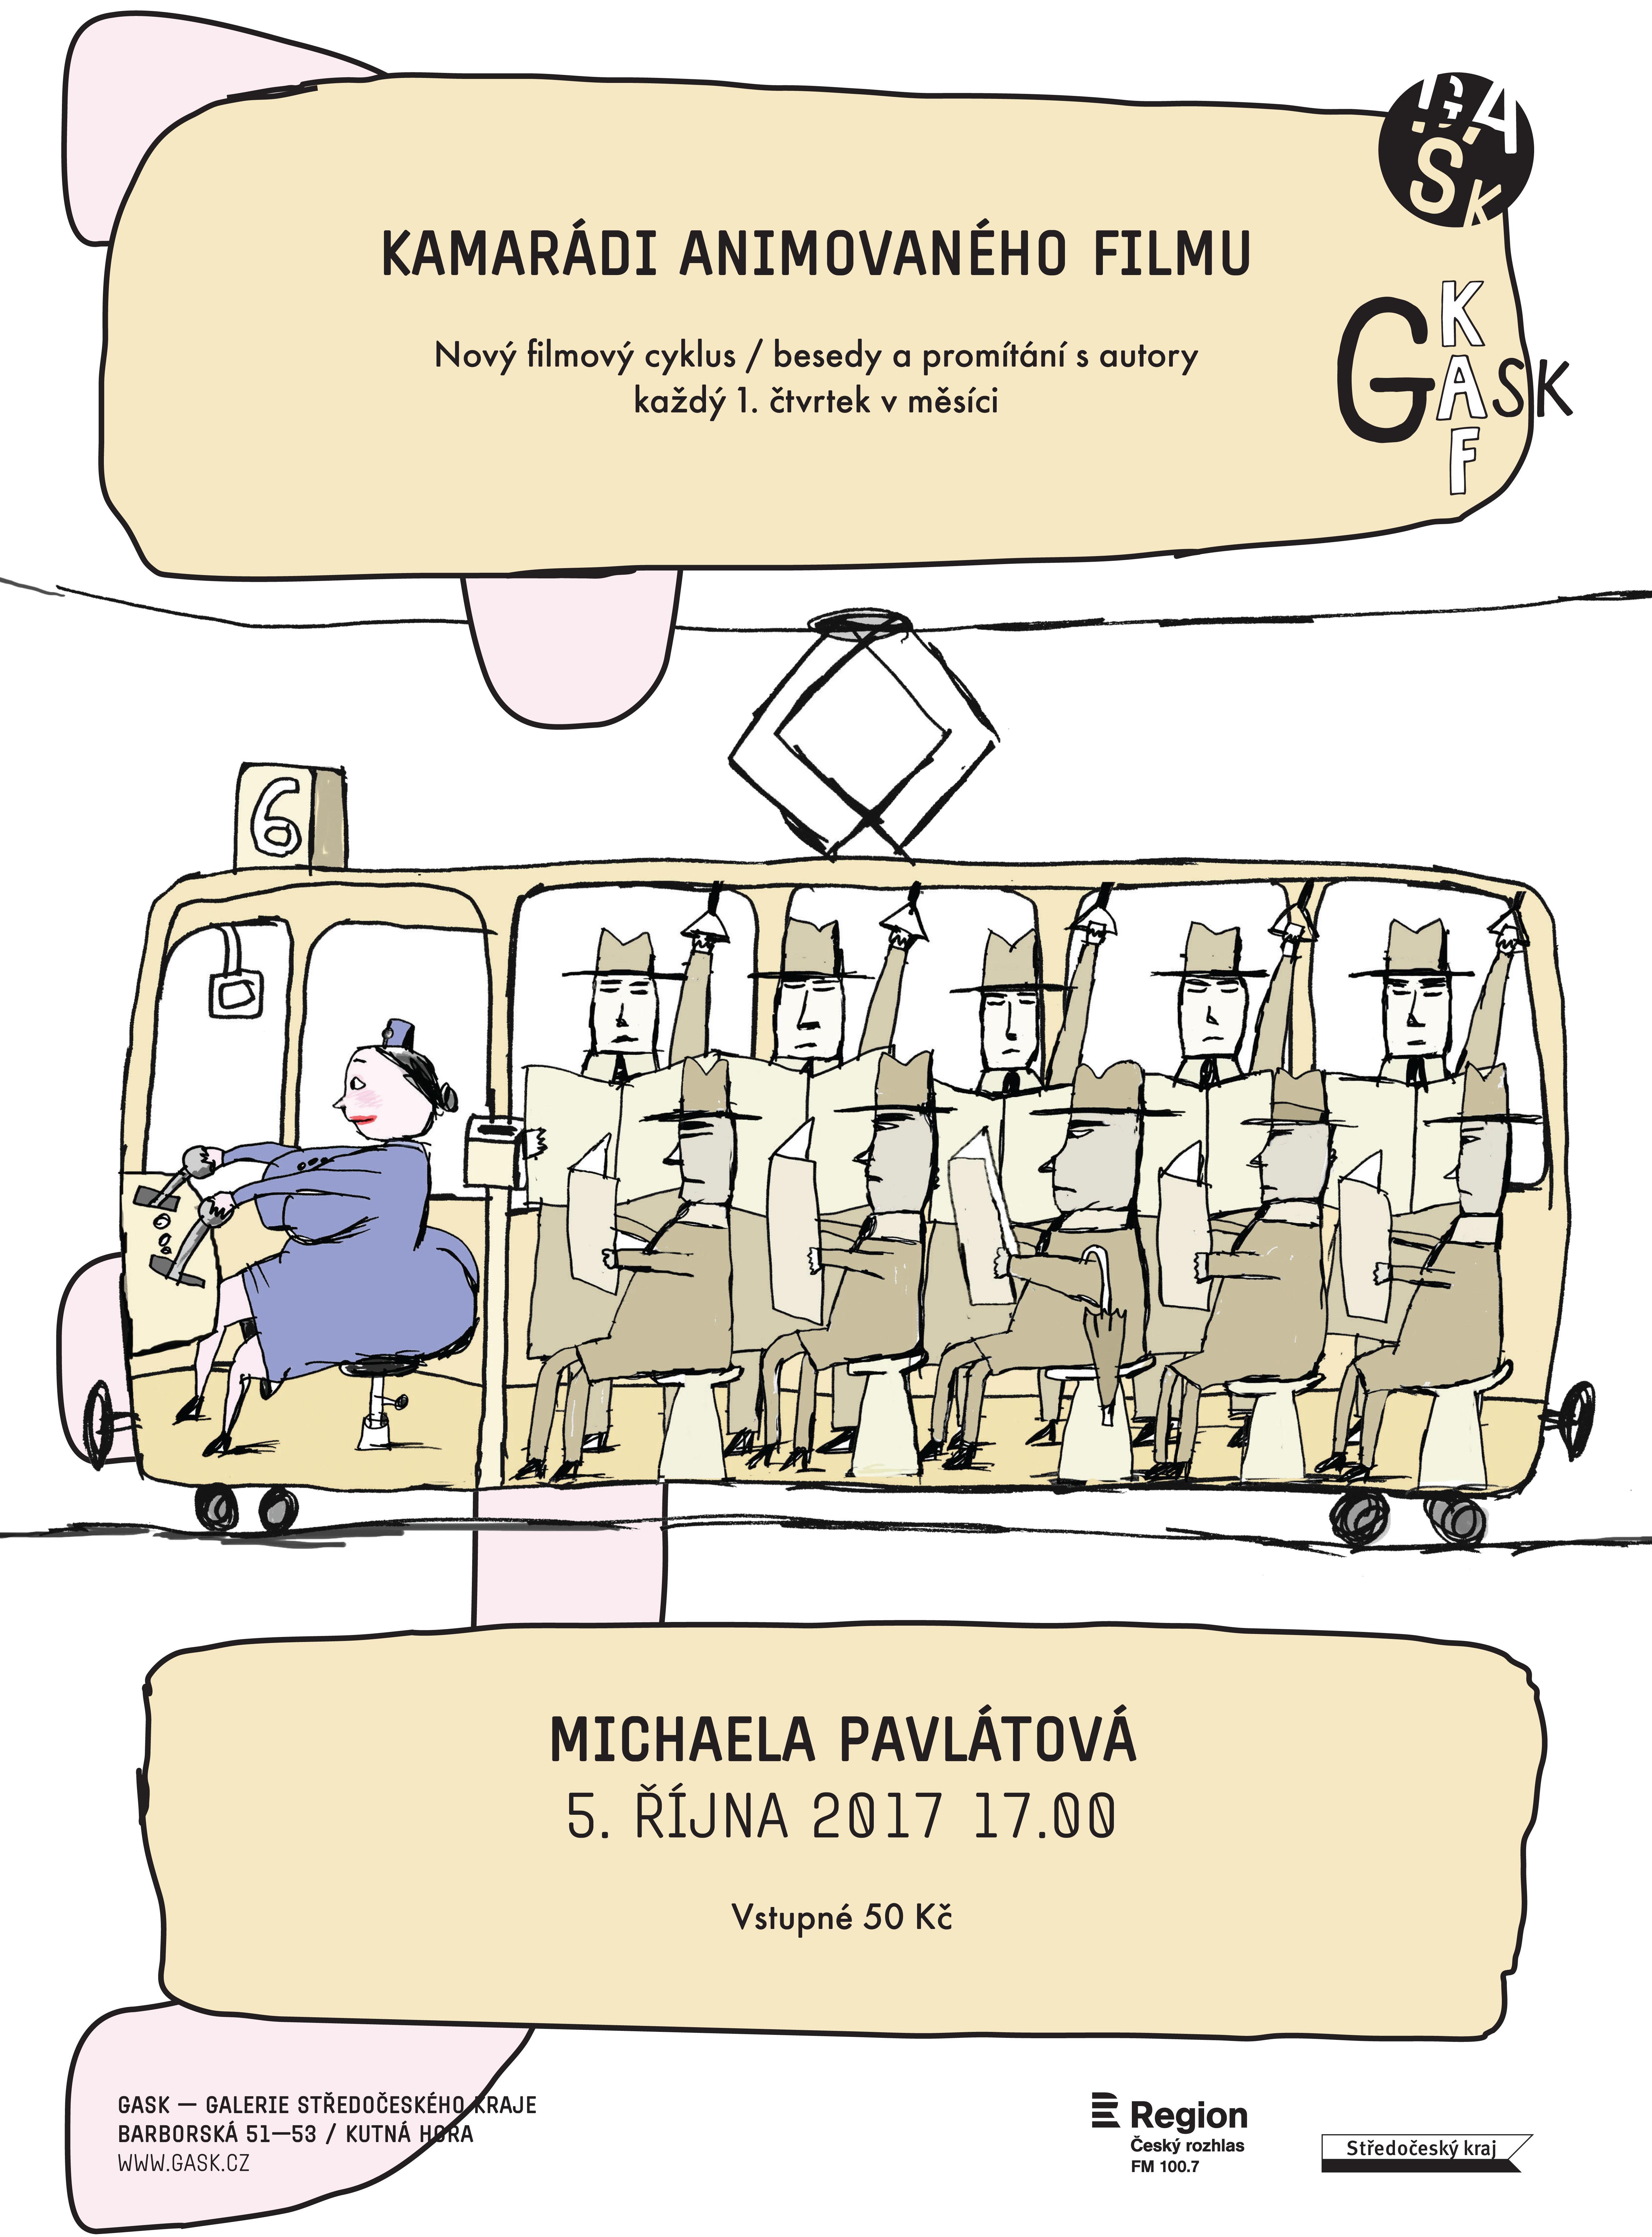 2675-kamaradi-animovaneho-filmu-m-pavlatova.jpg